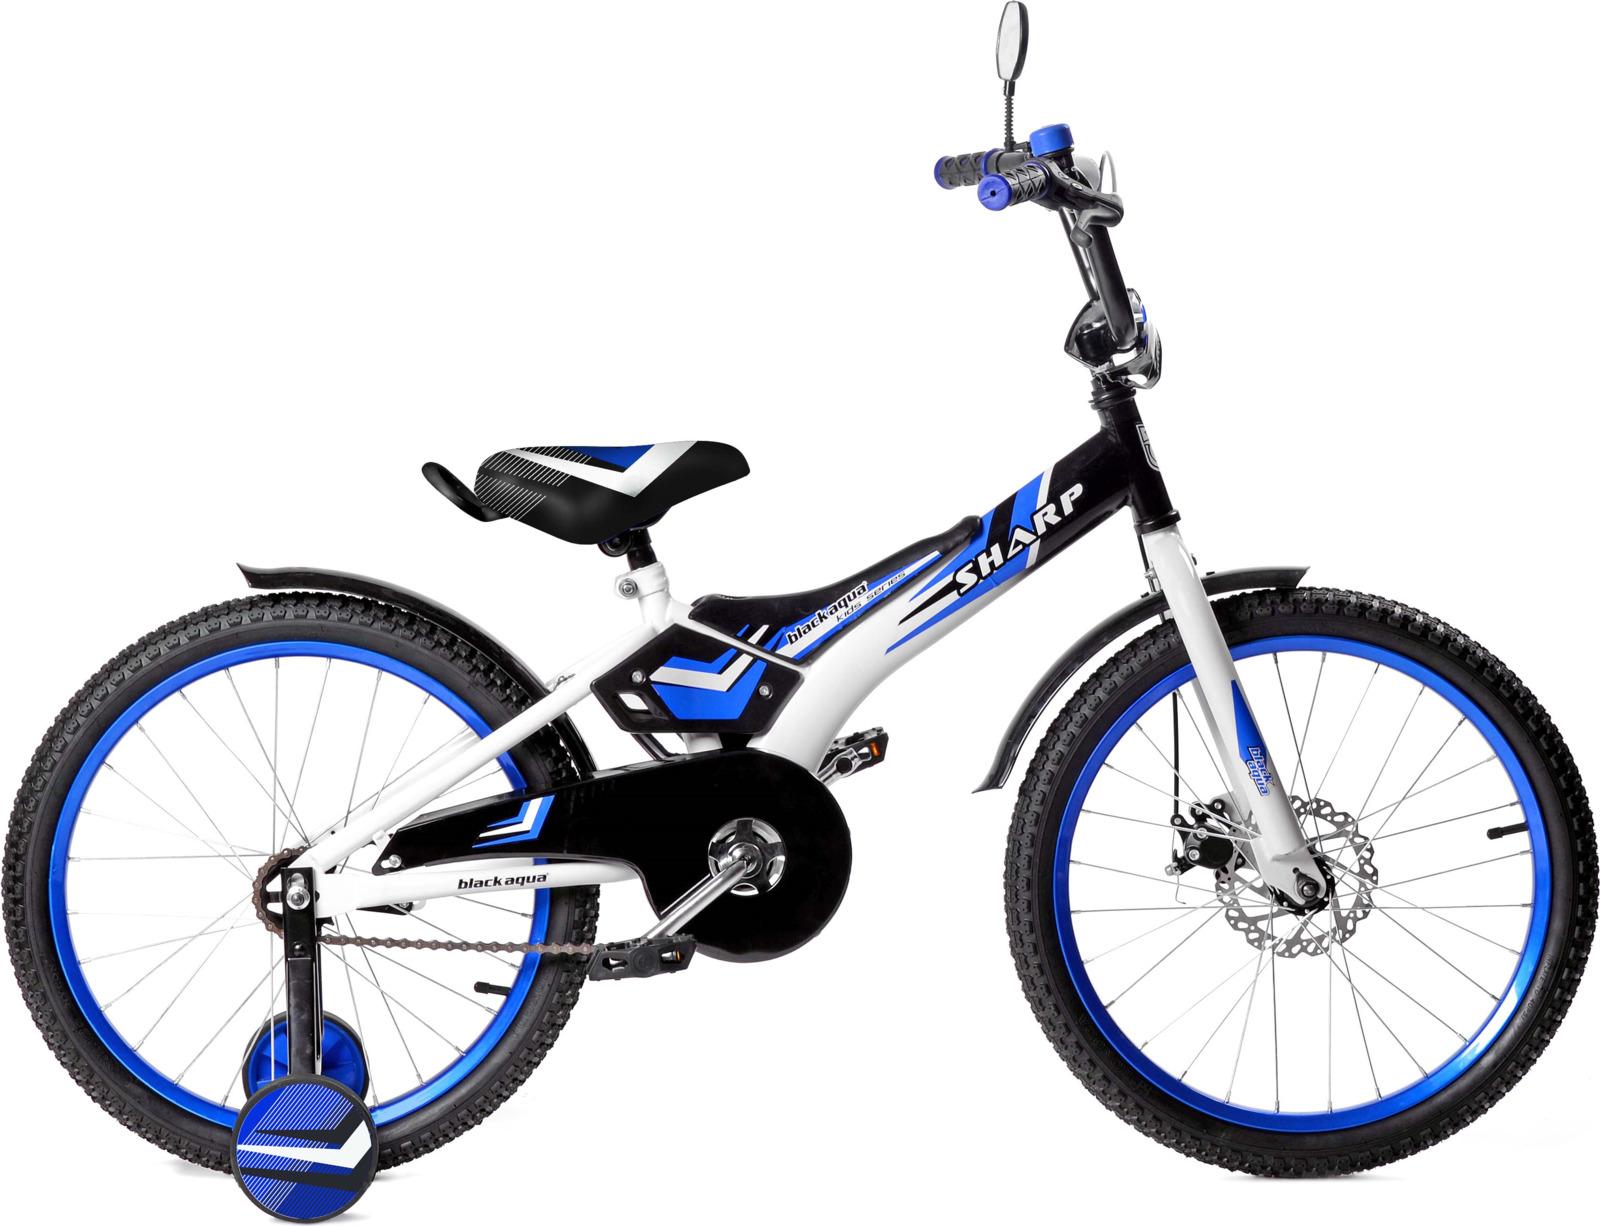 Велосипед детский Black Aqua Sharp, KG1210, со светящимися колесами, колесо 12, синий